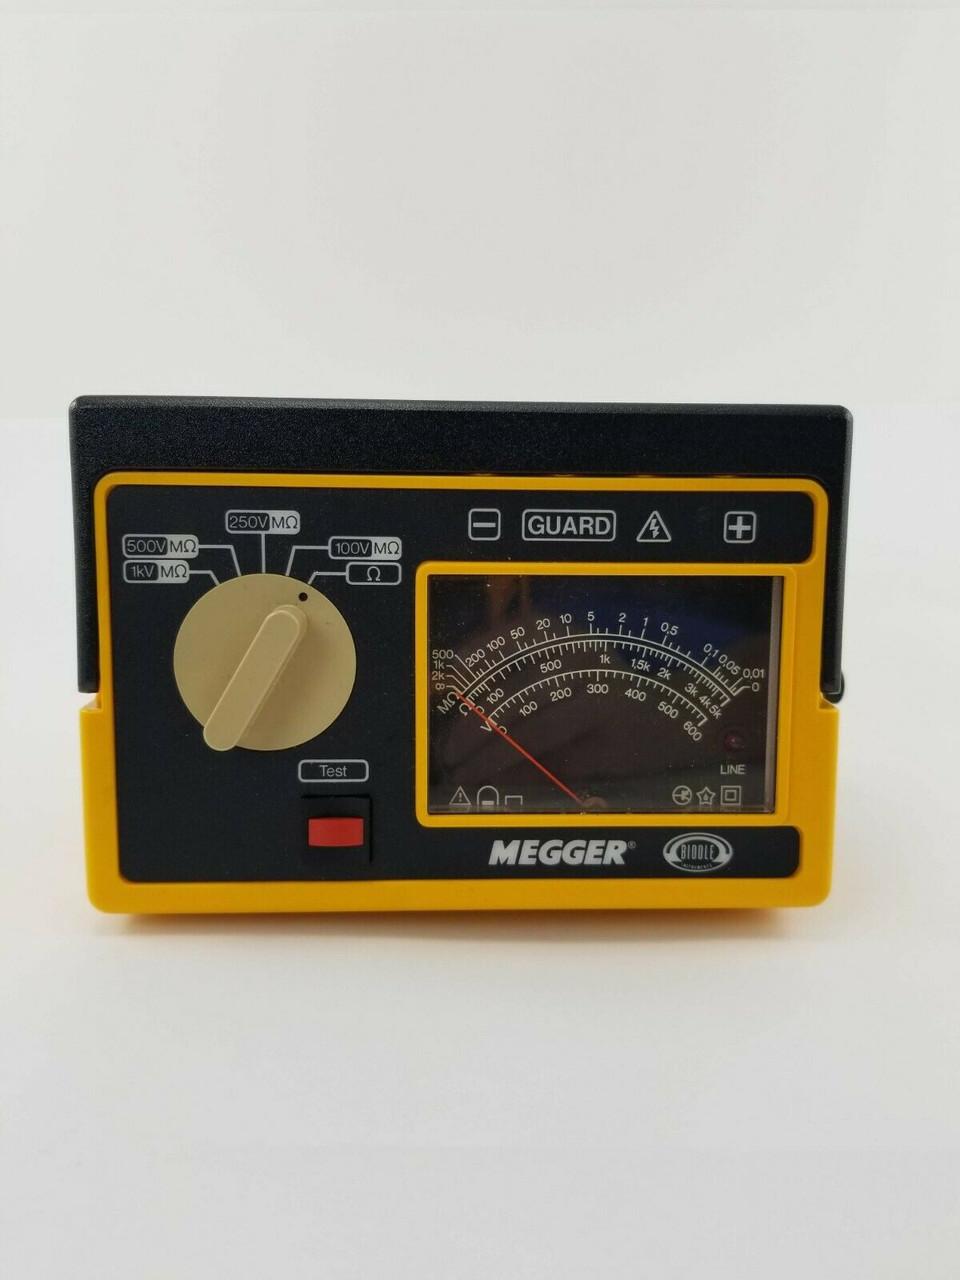 Megger Biddle 212359 Va C Hand Cranked Insulation Tester 600v 2000 Mohms Spw Industrial